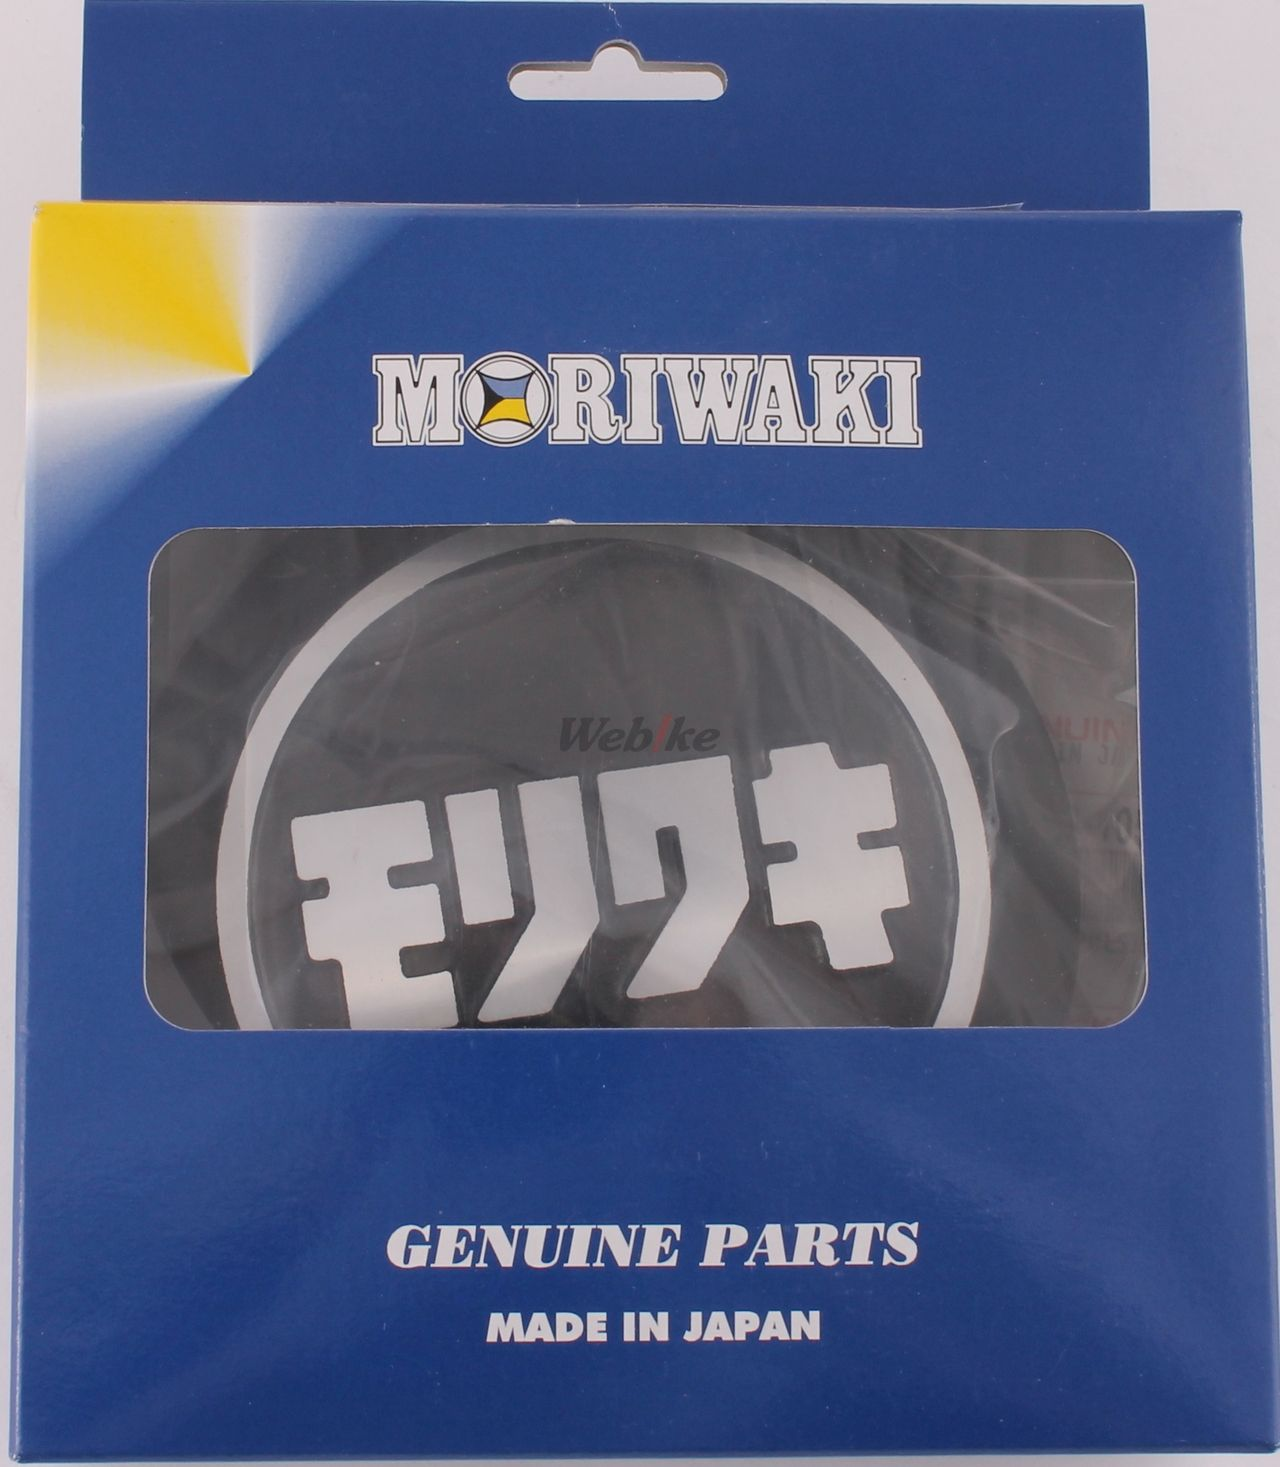 【MORIWAKI】MORIWAKI 電盤外蓋 - 「Webike-摩托百貨」